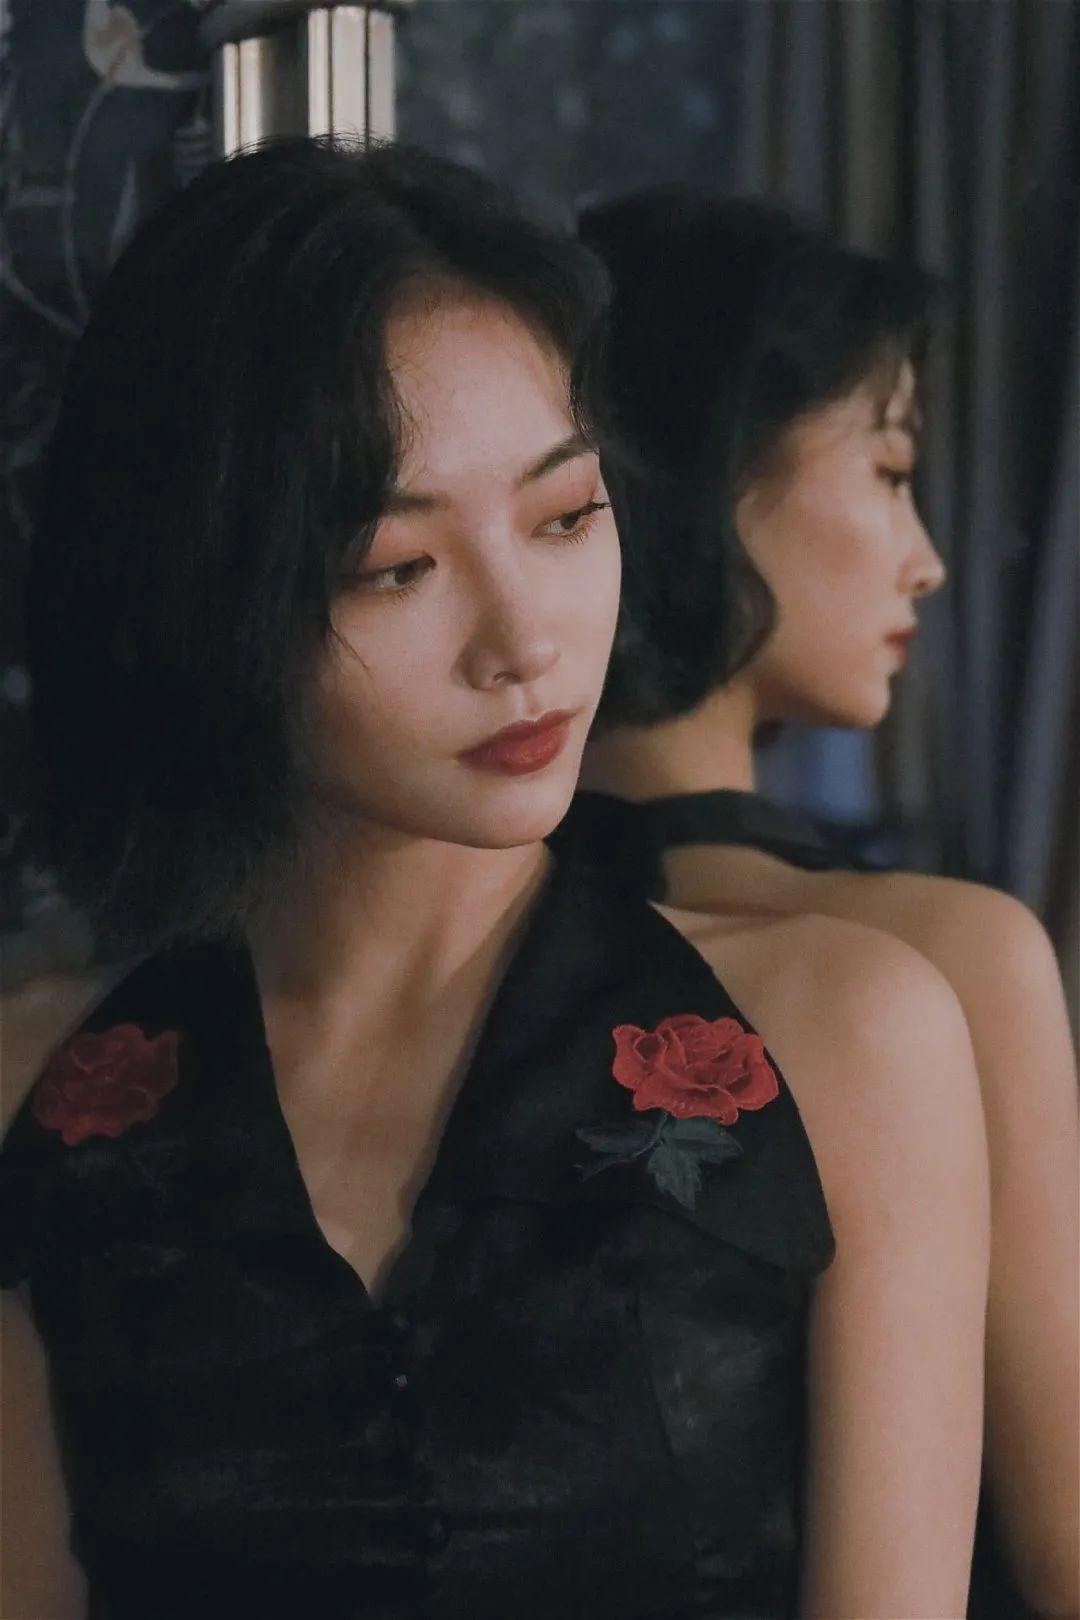 妹子写真 – 许佳琪 × 刘令姿,有认识这两位的嘛?_图片 No.3